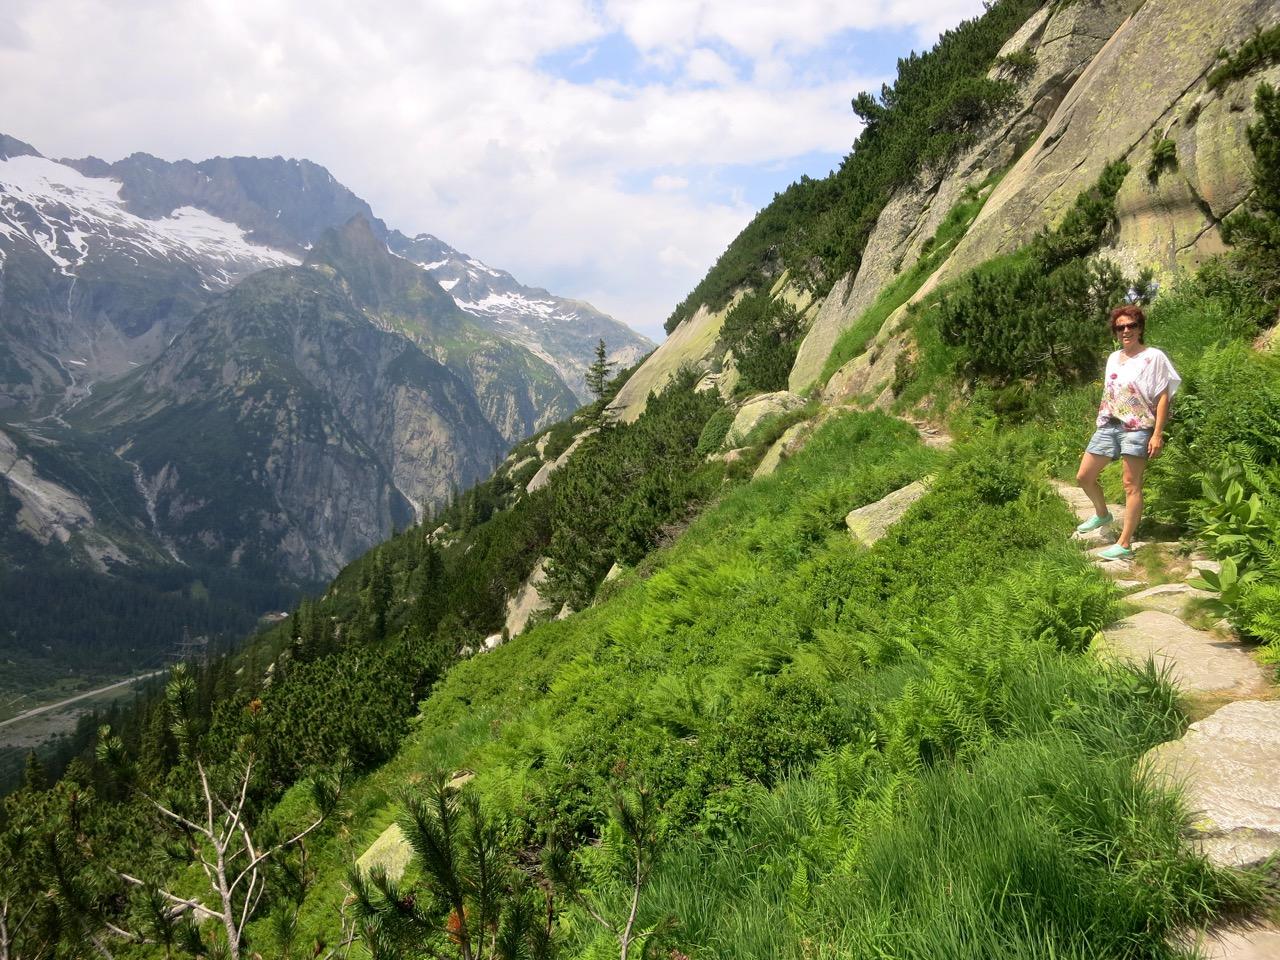 Der Weg führt stetig, aber selten steil der Bergflanke immer höher.